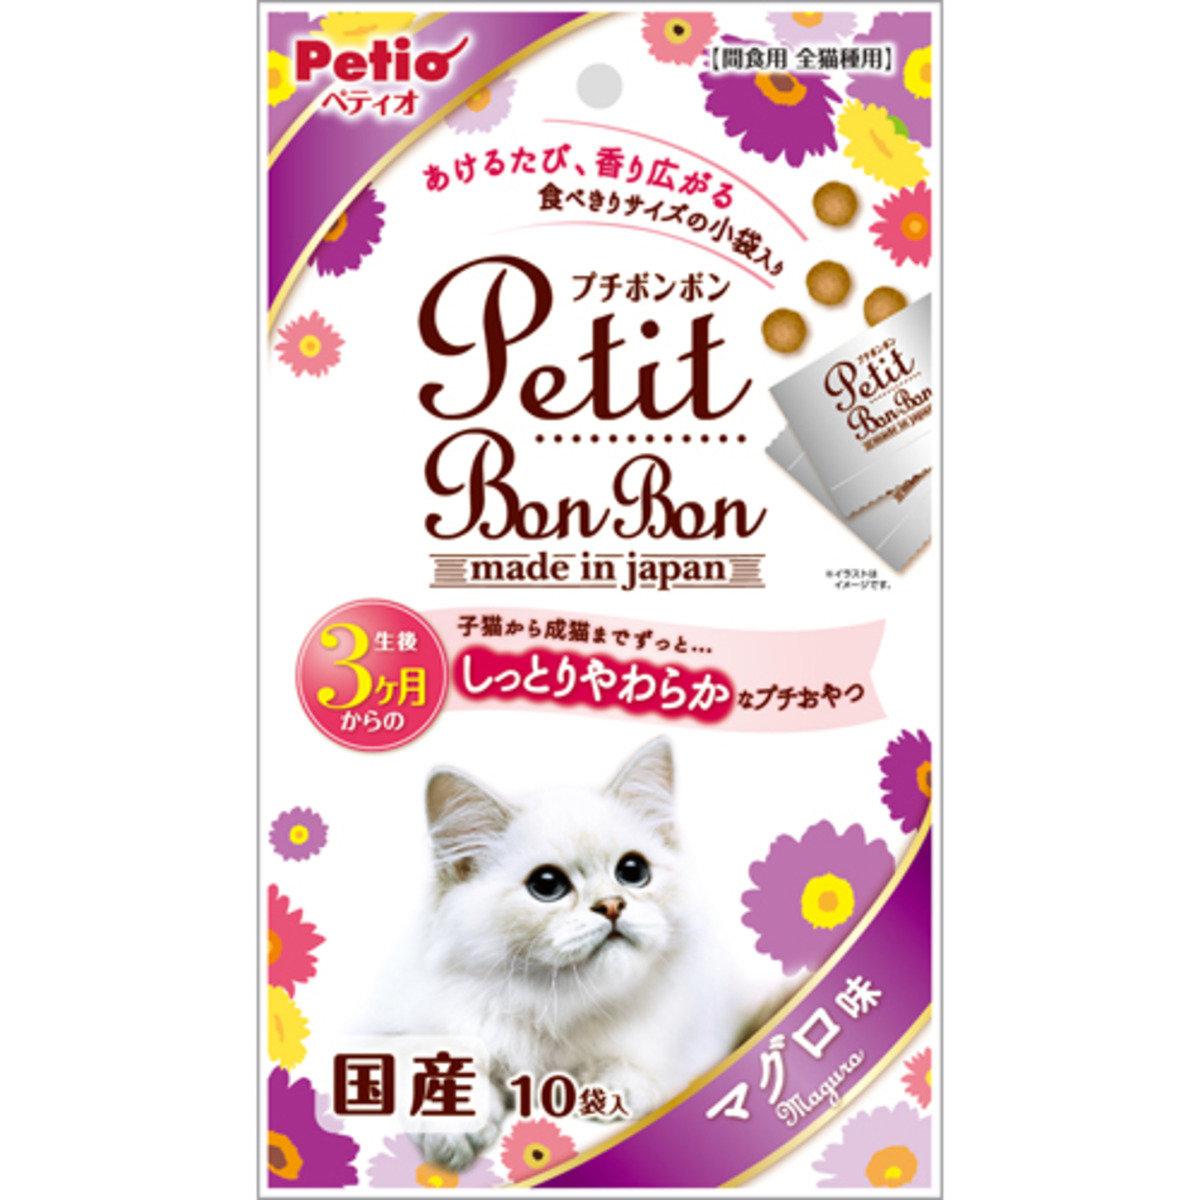 貓小食雞肉粒(吞拿魚味)(W12861)(賞味期限: 31-03-2017)